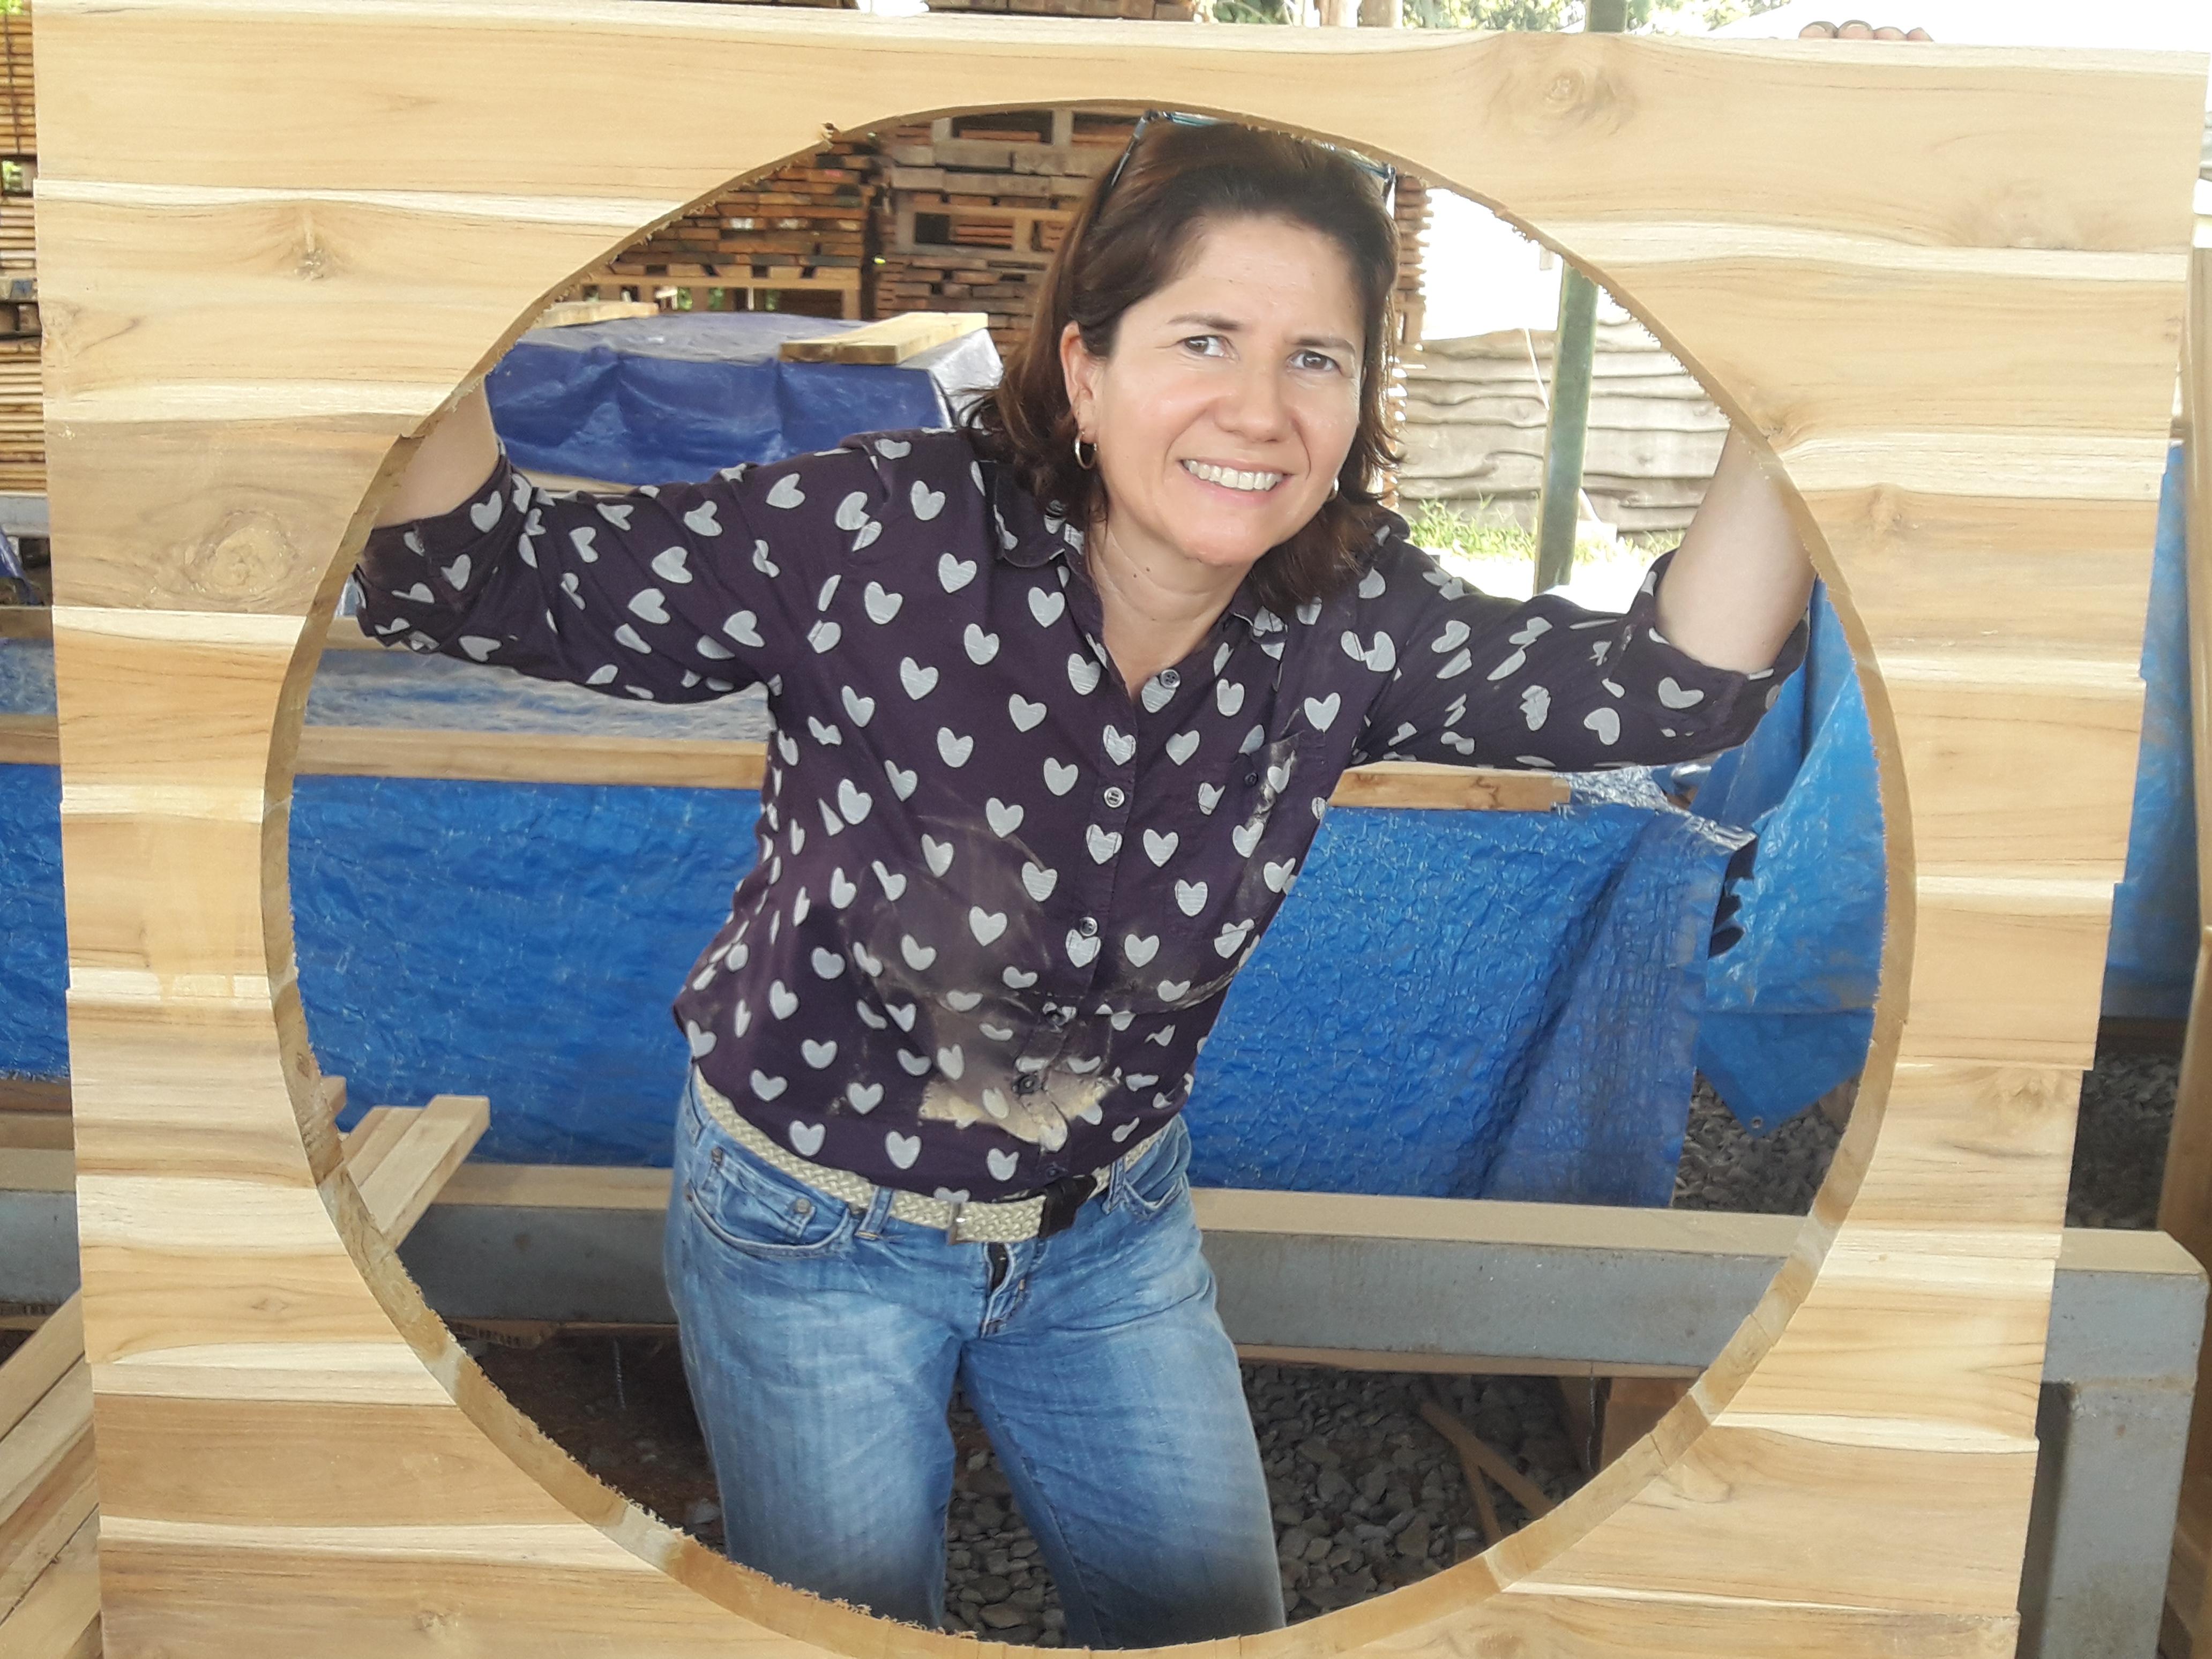 Holz mit Herz: Olga Gallego leitet unser Holzverarbeitungszentrum engagiert und kompetent. Foto: ForestFinance